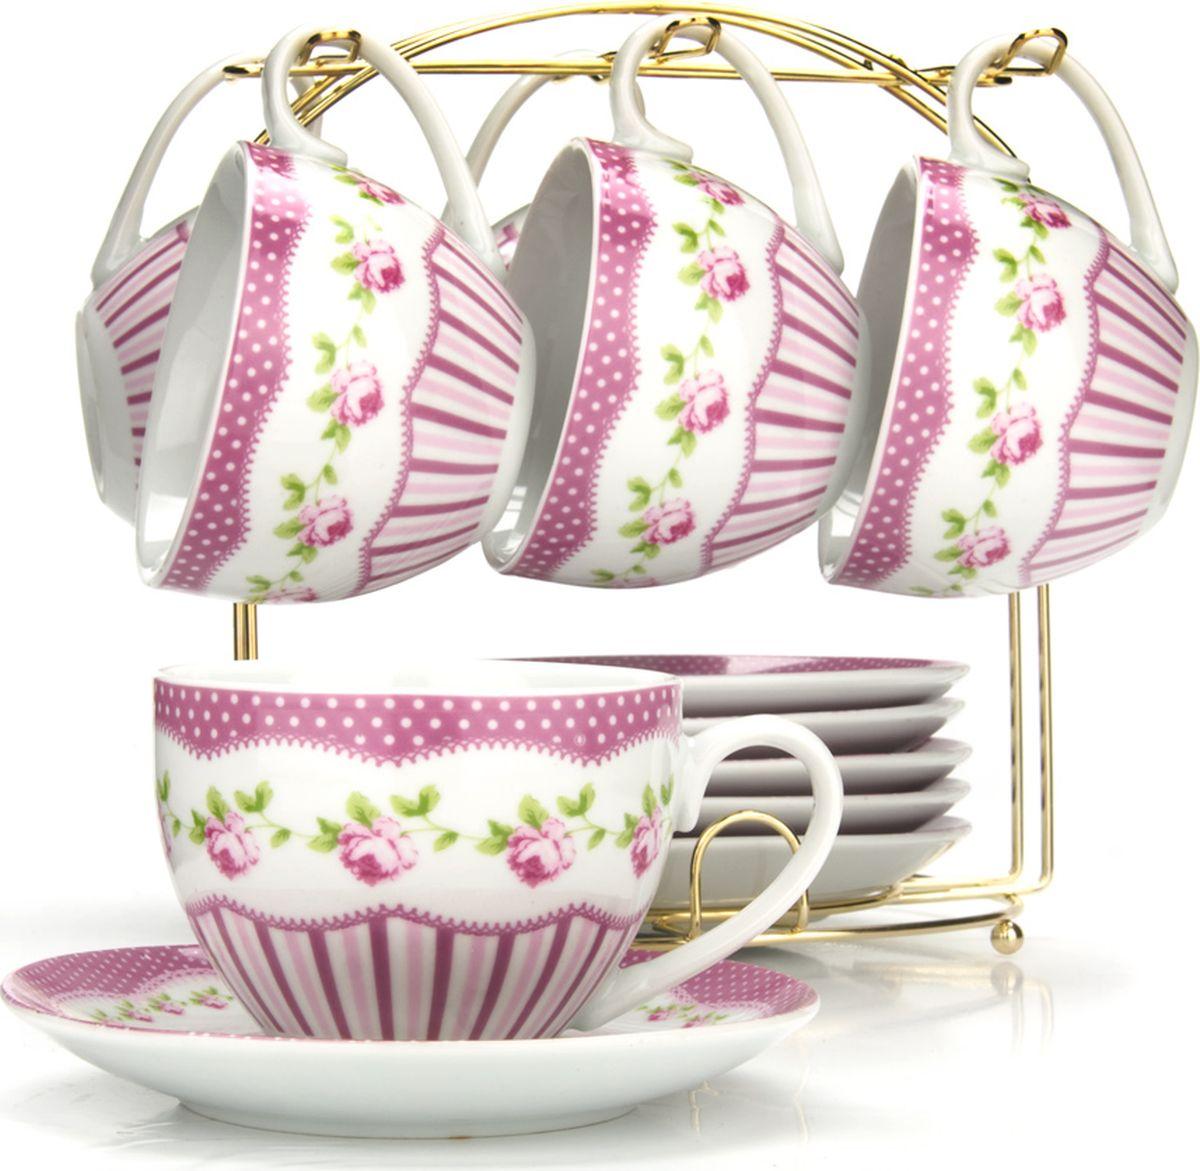 Сервиз чайный Loraine, на подставке, 13 предметов. 4329825950Чайный набор состоит из шести чашек, шести блюдец и металлической подставки золотого цвета. Предметы набора изготовлены из качественного фарфора и оформлены красочным цветным рисунком. Чайный набор идеально подойдет для сервировки стола и станет отличным подарком к любому празднику. Все изделия можно компактно хранить на подставке, входящей в набор. Подходит для мытья в посудомоечной машине.Диаметр чашки: 9 см.Высота чашки: 7 см.Объем чашки: 220 мл.Диаметр блюдца: 14 см.